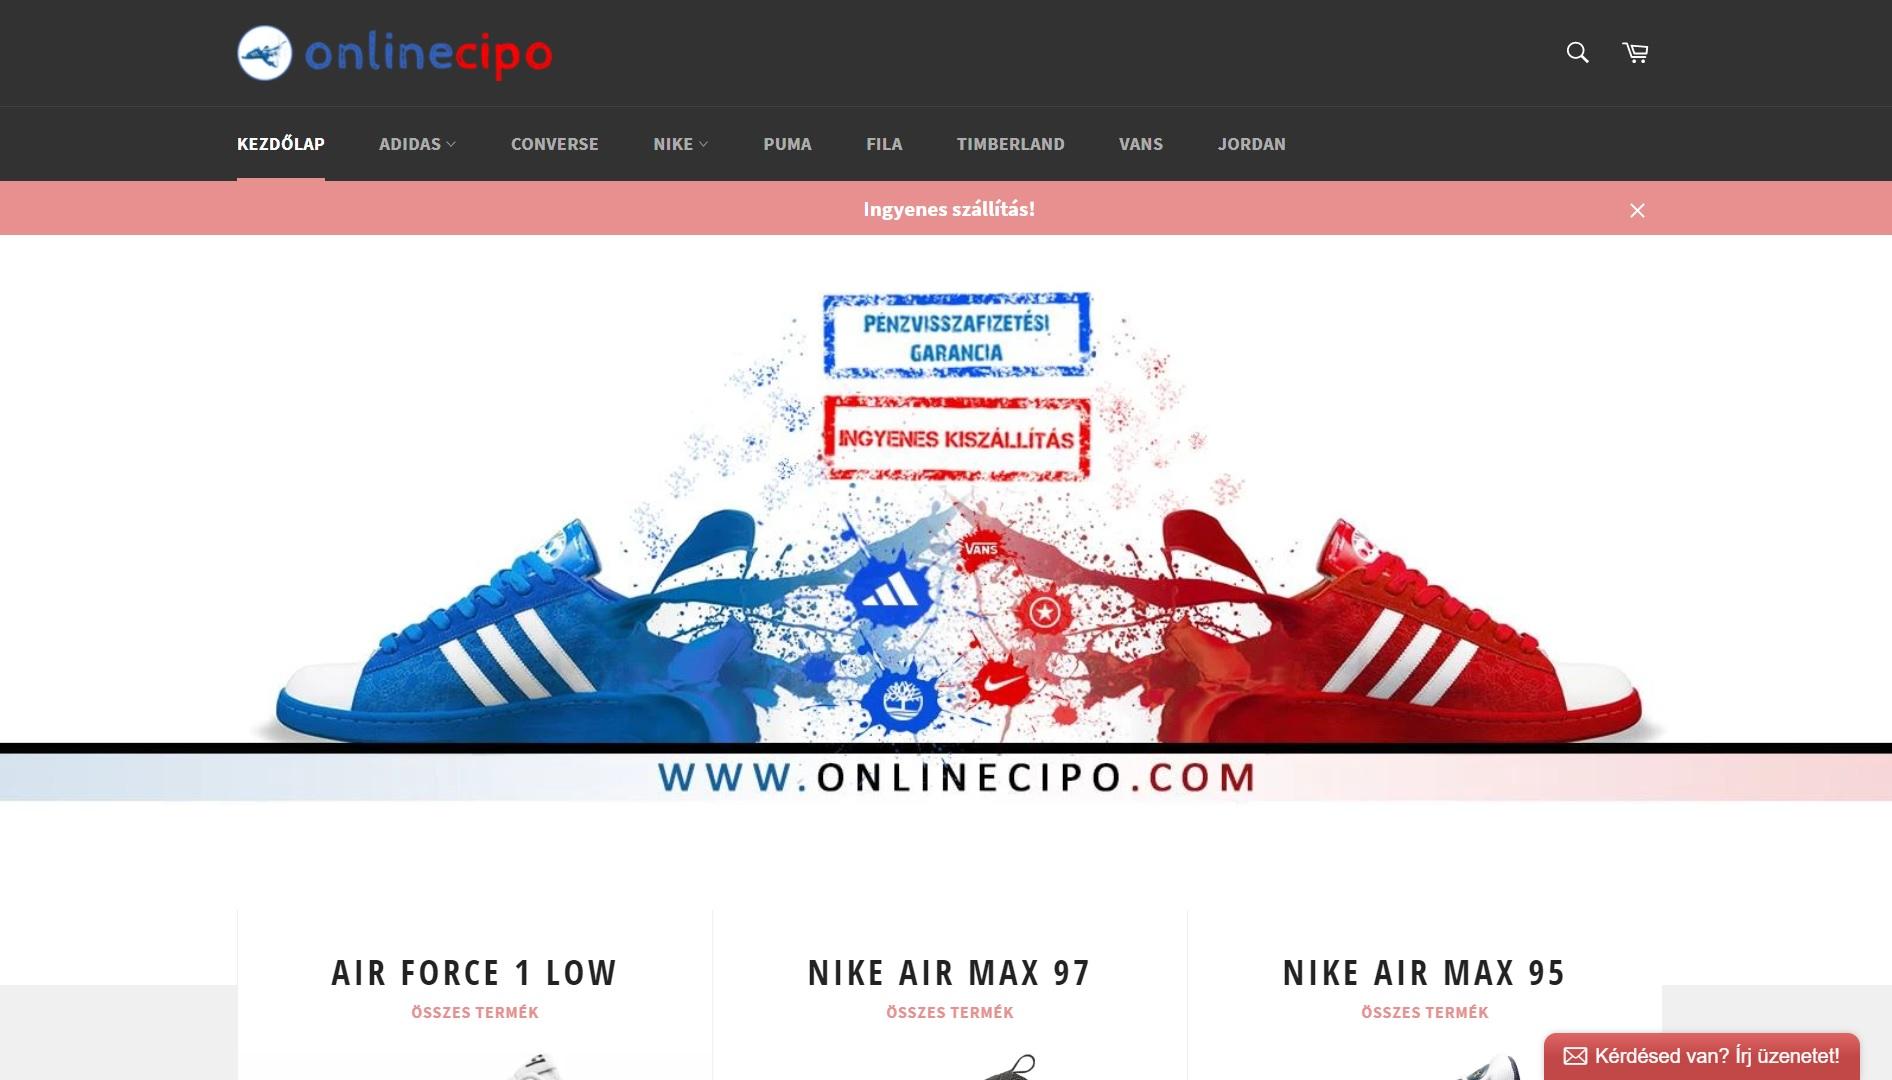 onlinecipo.com - vélemény, tapasztalat: eredeti vagy hamis cipő? Kamushop vagy nem?